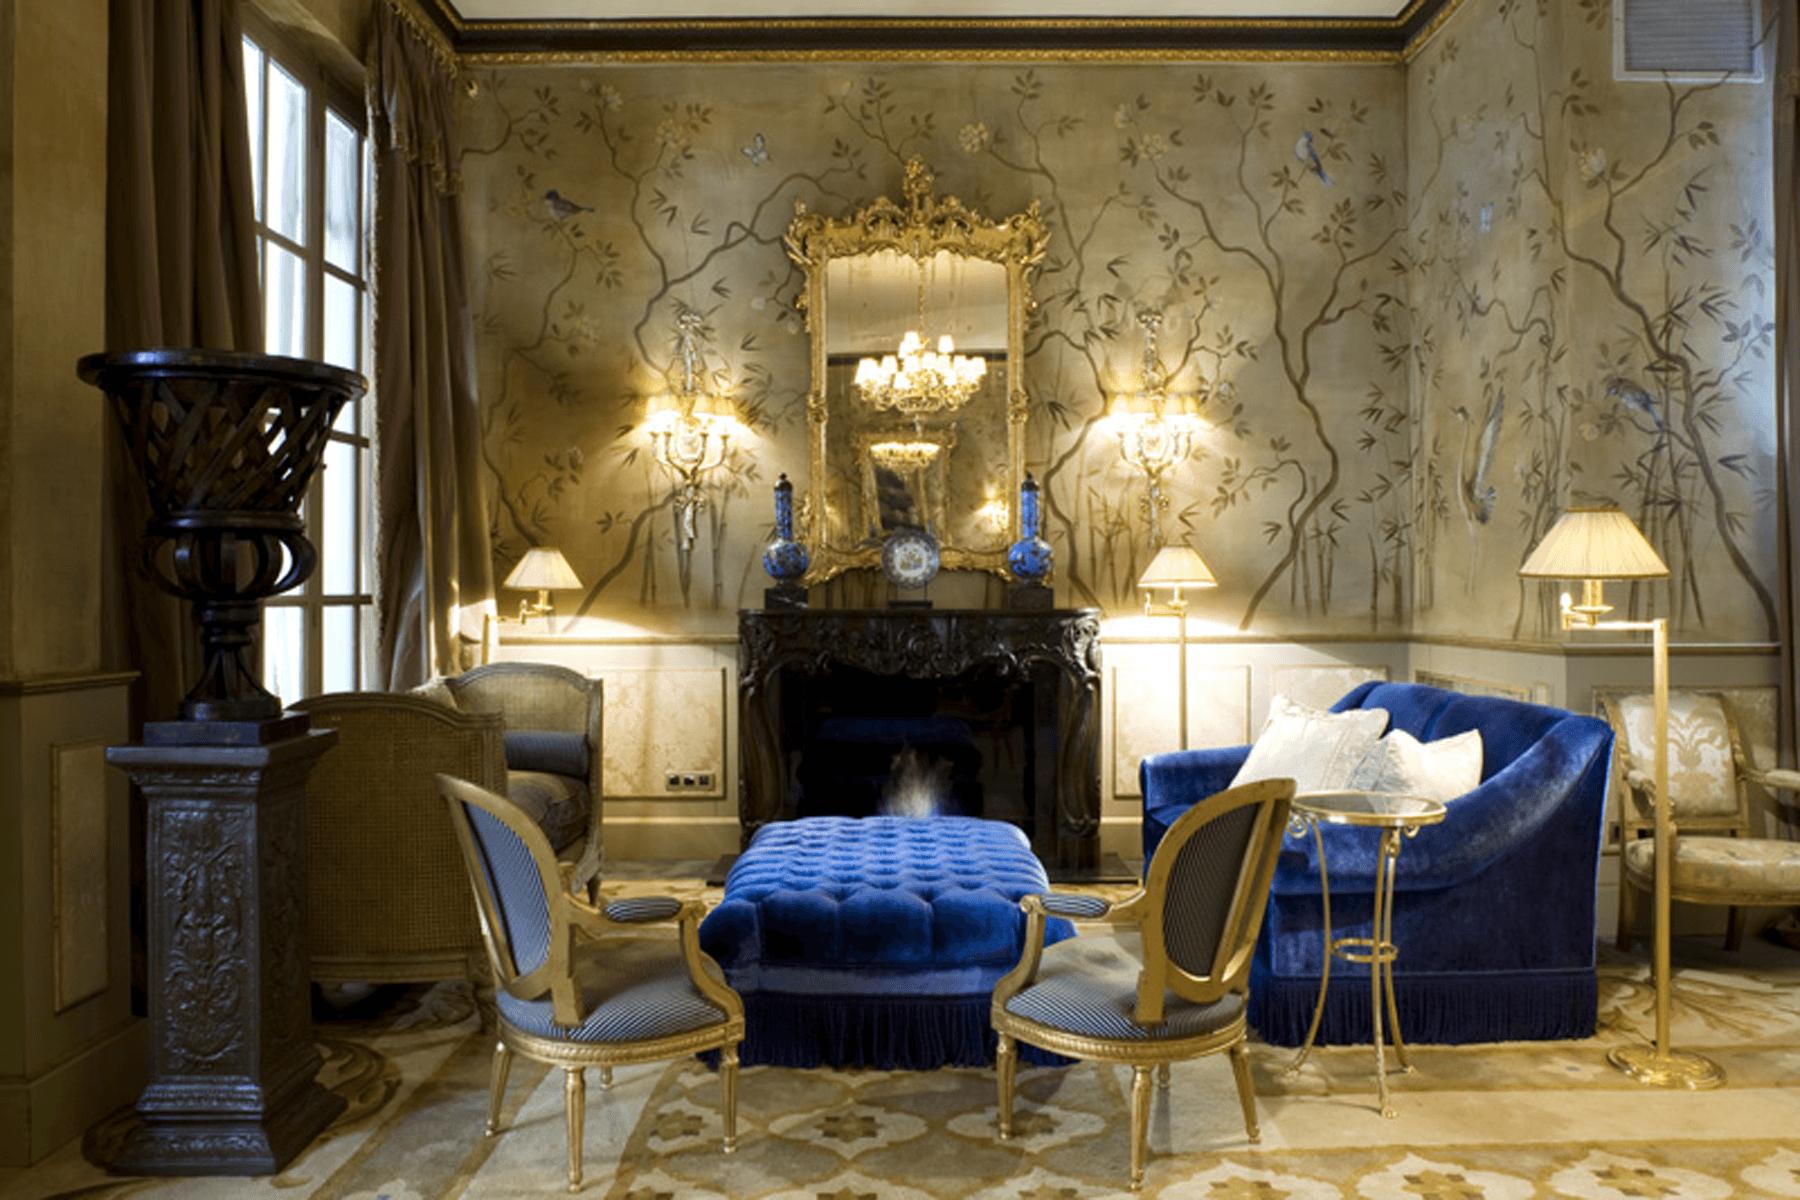 Murales-pintados-a-mano-chonoiserie-sobre-pared-clasico-acrilico-Carol-Moreno-pintora-artistica-Hotel-Palace-Barcelona